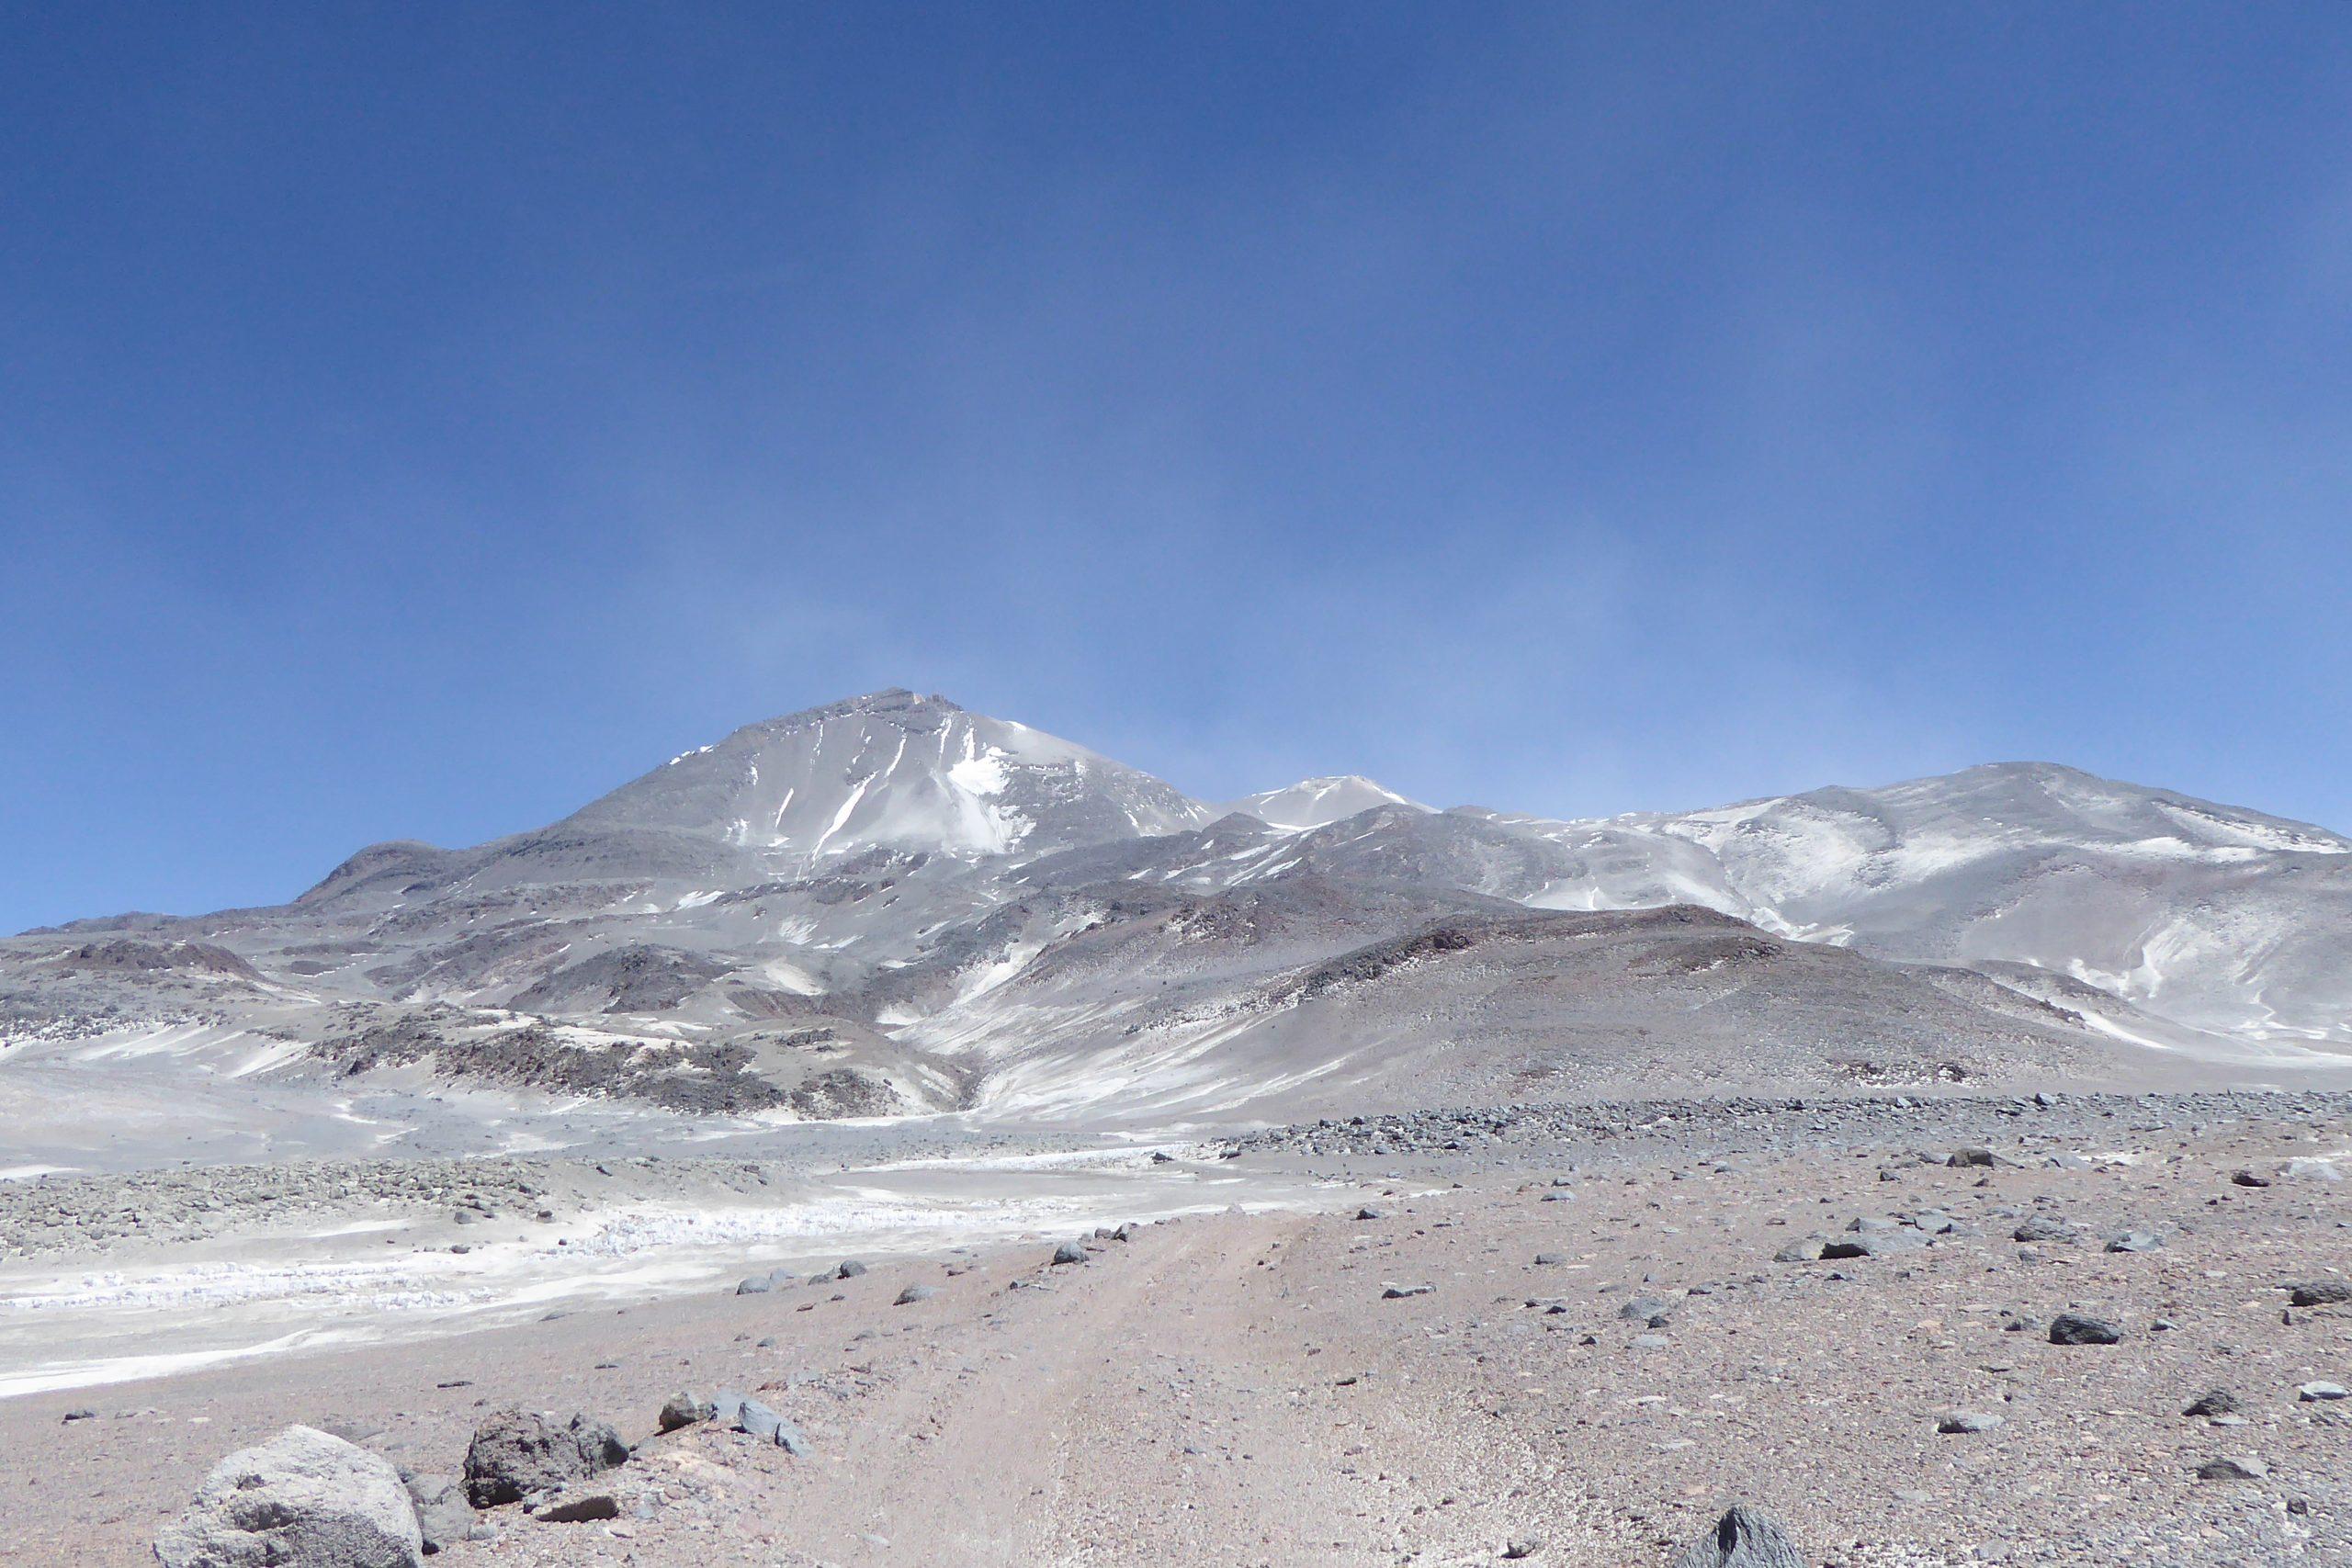 Radreise Südamerika 2019 - Sandsturm am Ojos de Salado (6.893m)